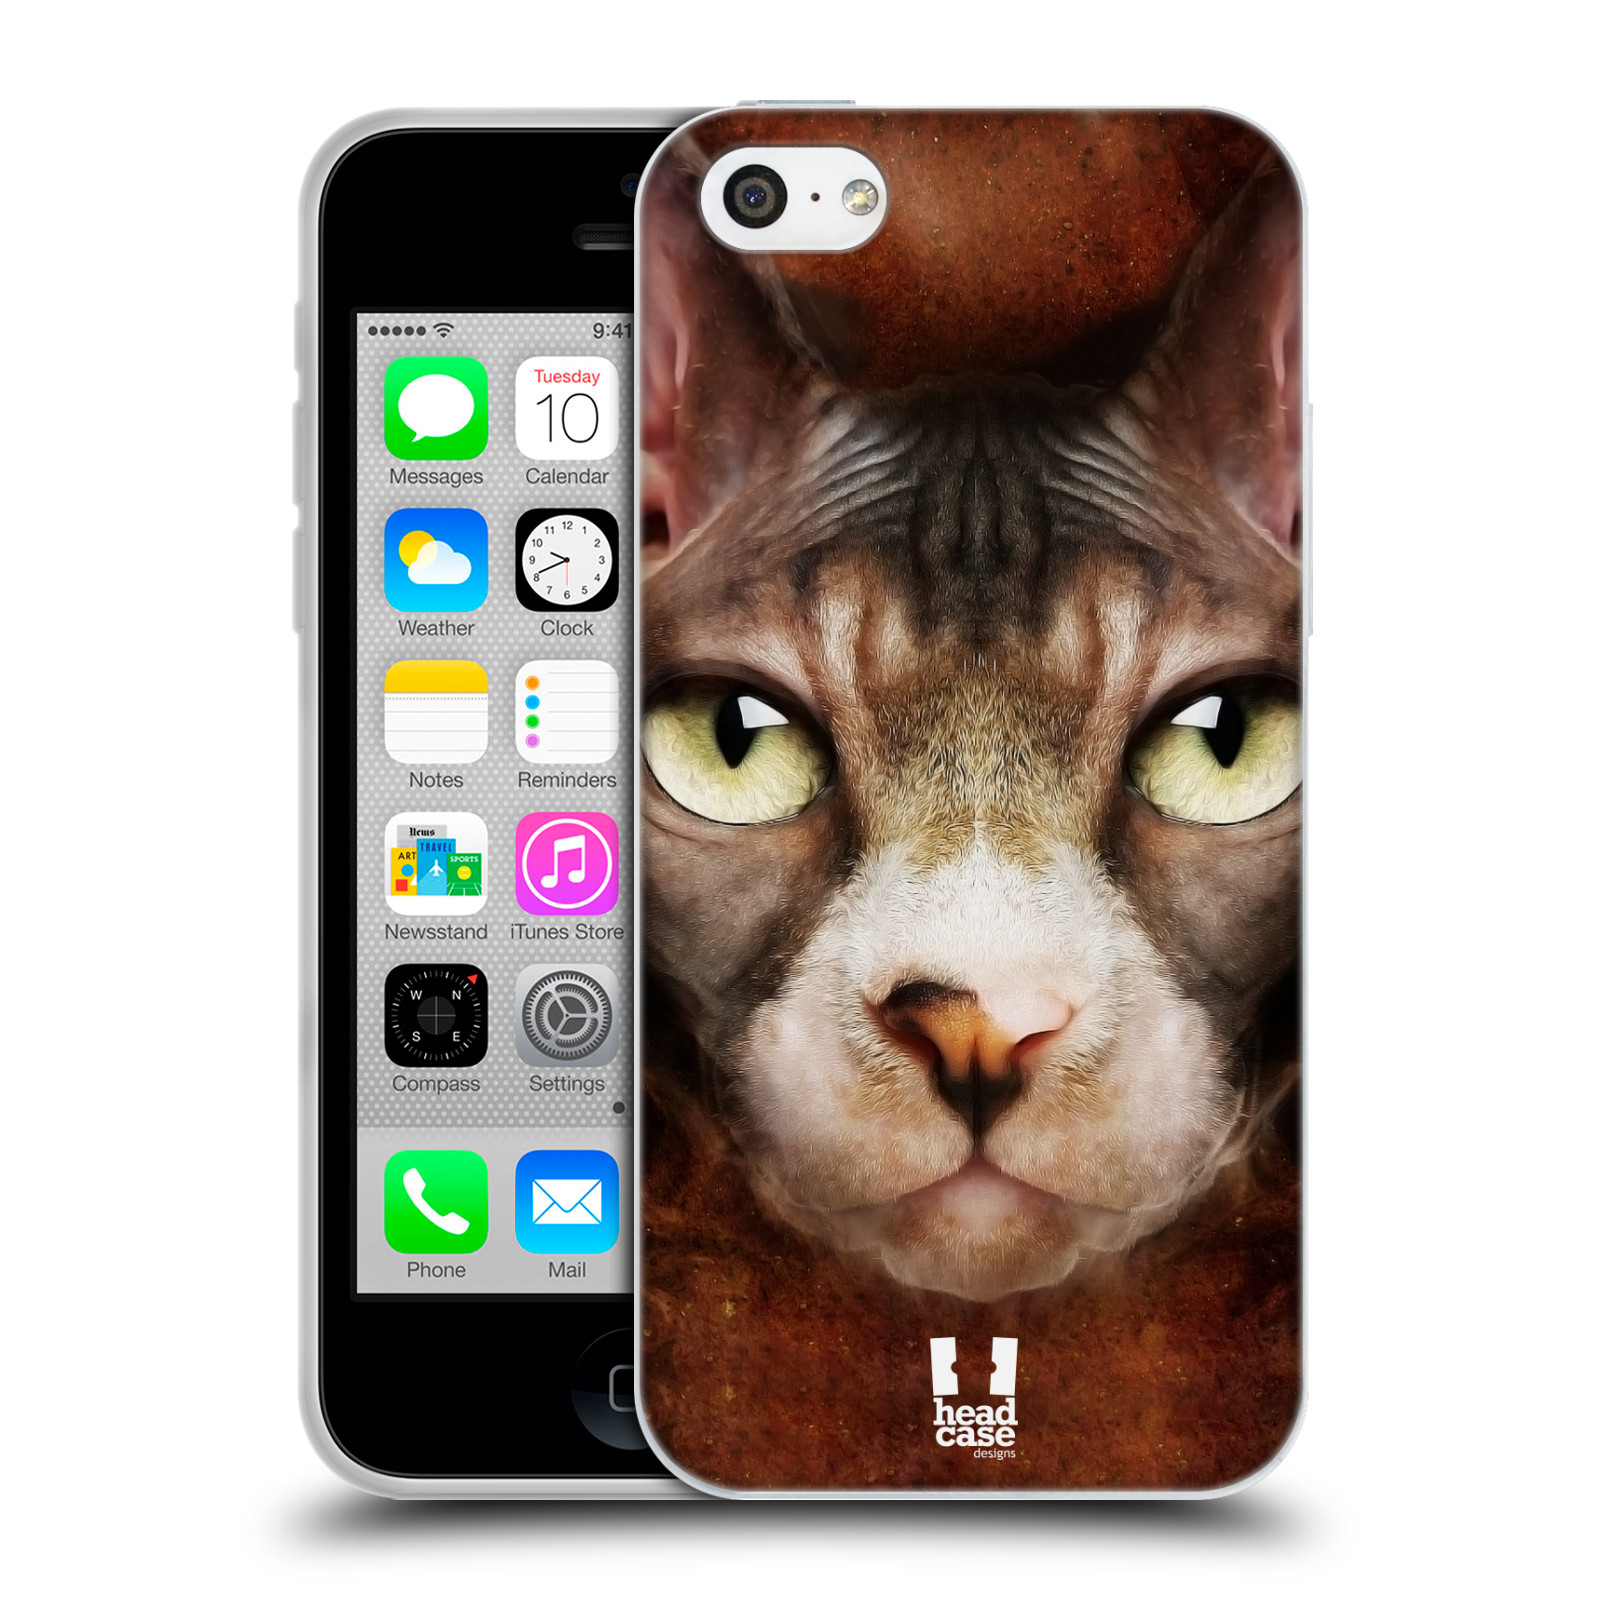 HEAD CASE silikonový obal na mobil Apple Iphone 5C vzor Zvířecí tváře kočka sphynx